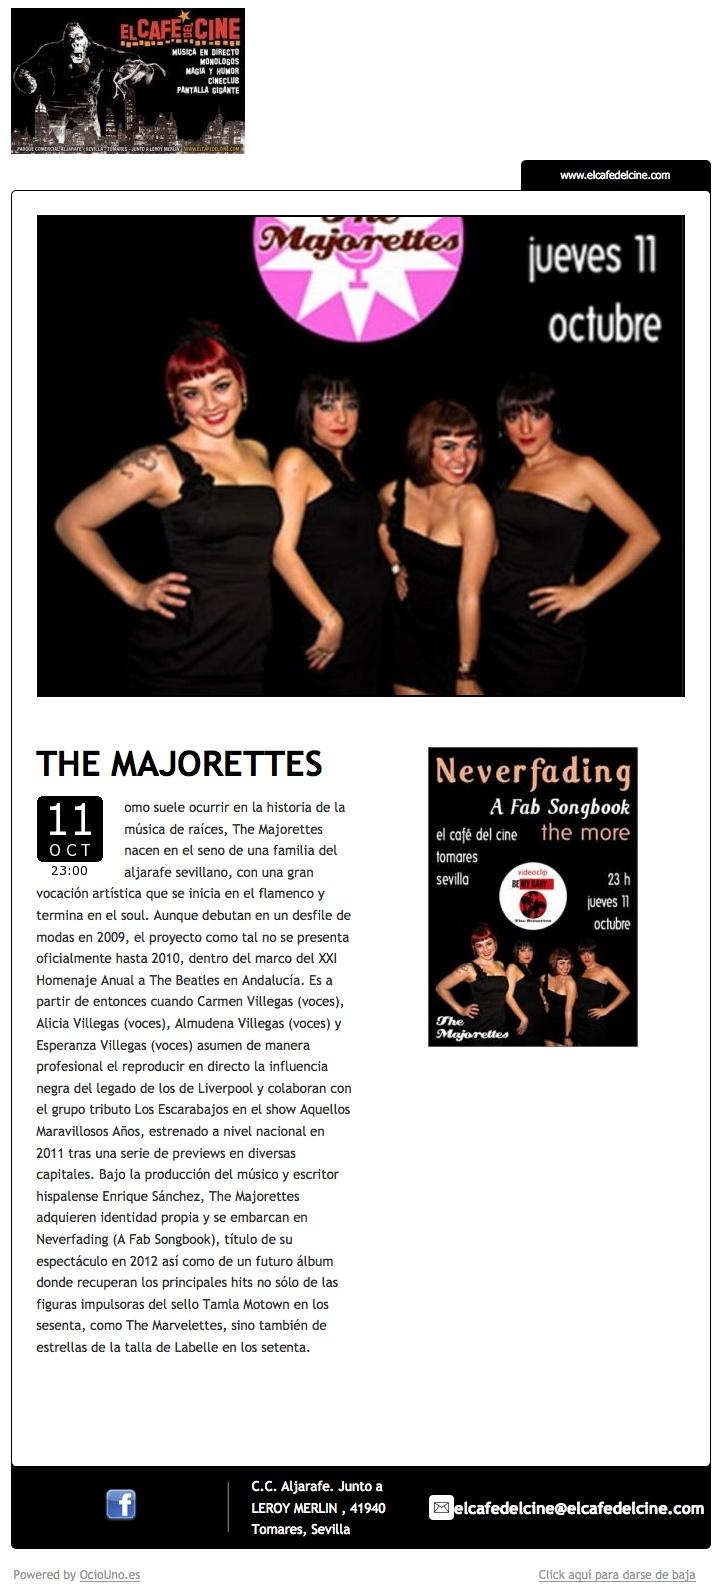 El Café del Cine, Tomares, Sevilla, anuncia The Majorettes en directo mediante newsletter utilizando OcioUno. Más información en: www.ociouno.es.